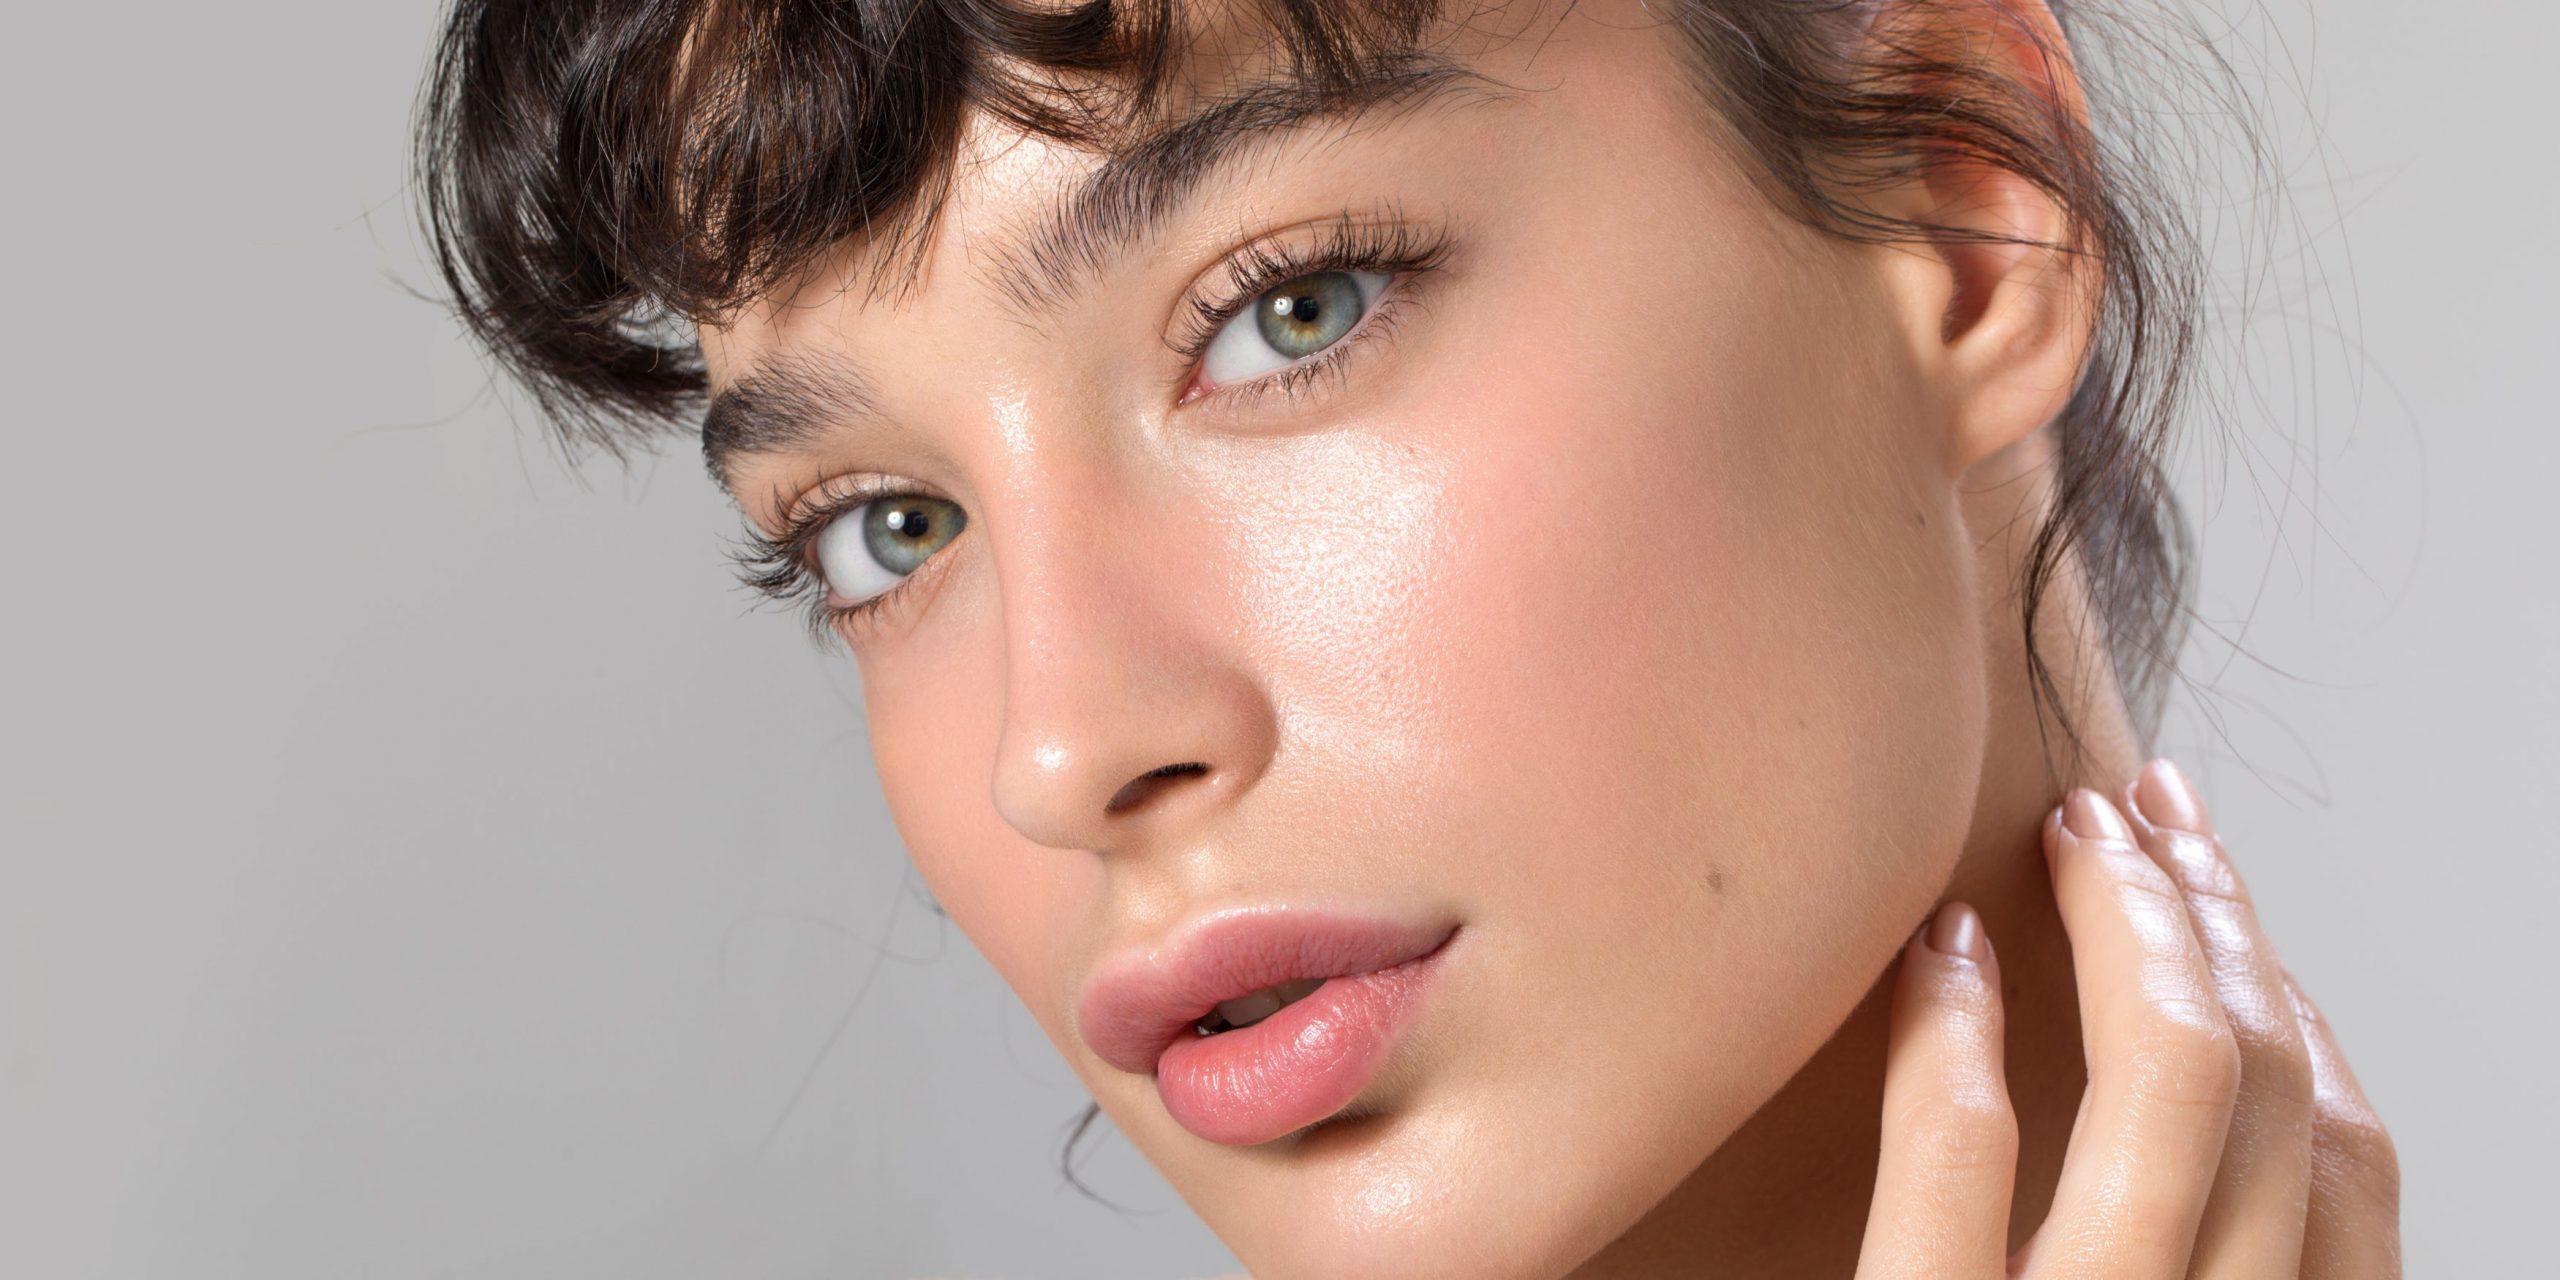 Σεξ Δέρμα: Τρεις λόγοι που το σεξ είναι ευεργετικό για το δέρμα σας [vid]